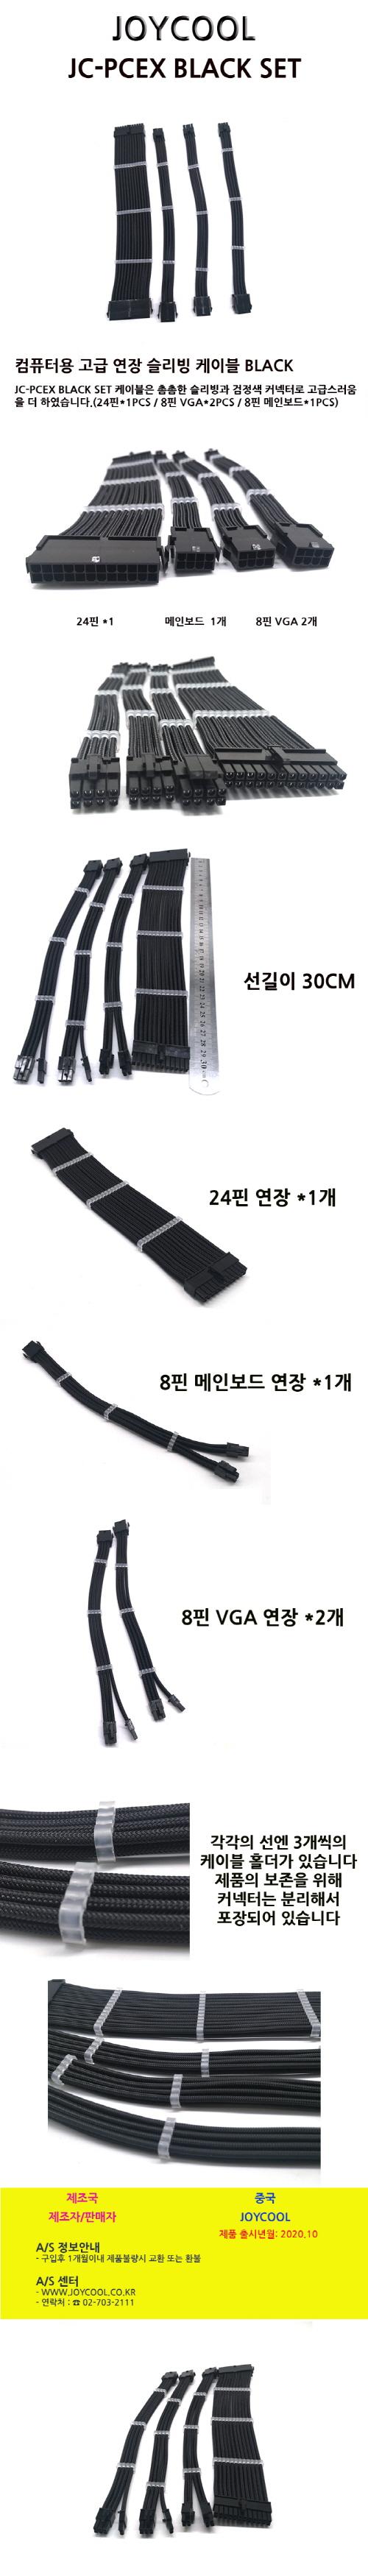 조이쿨 컴퓨터용 고급 연장 슬리빙 케이블 BLACK (JC-PCEX BLACK SET, 0.3m)